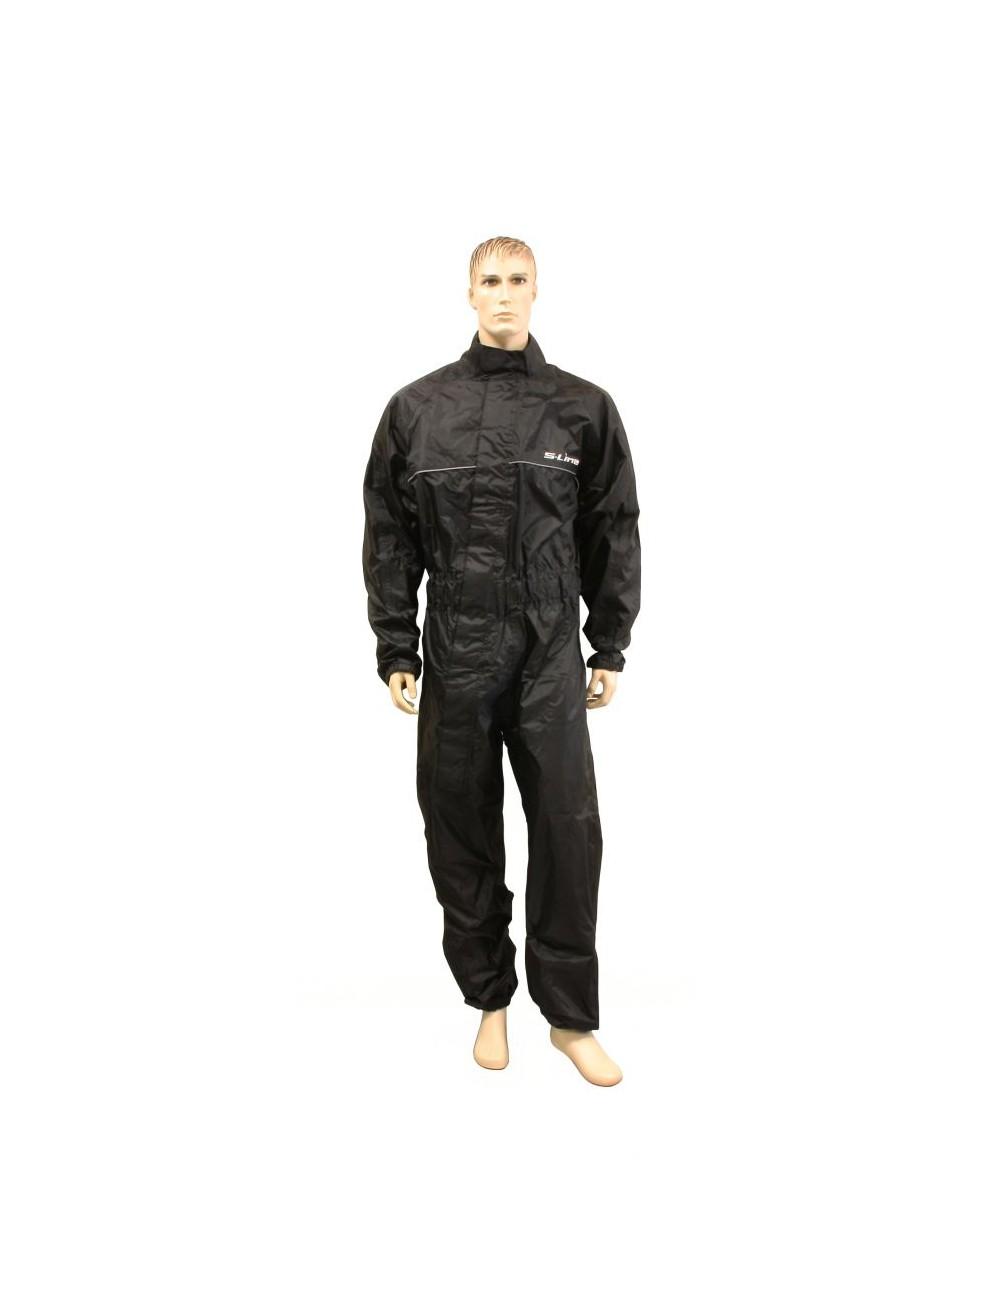 Combi Pluie S-Line Combinaison Pluie Taille XXL 100% Etanche Polyester + PVC